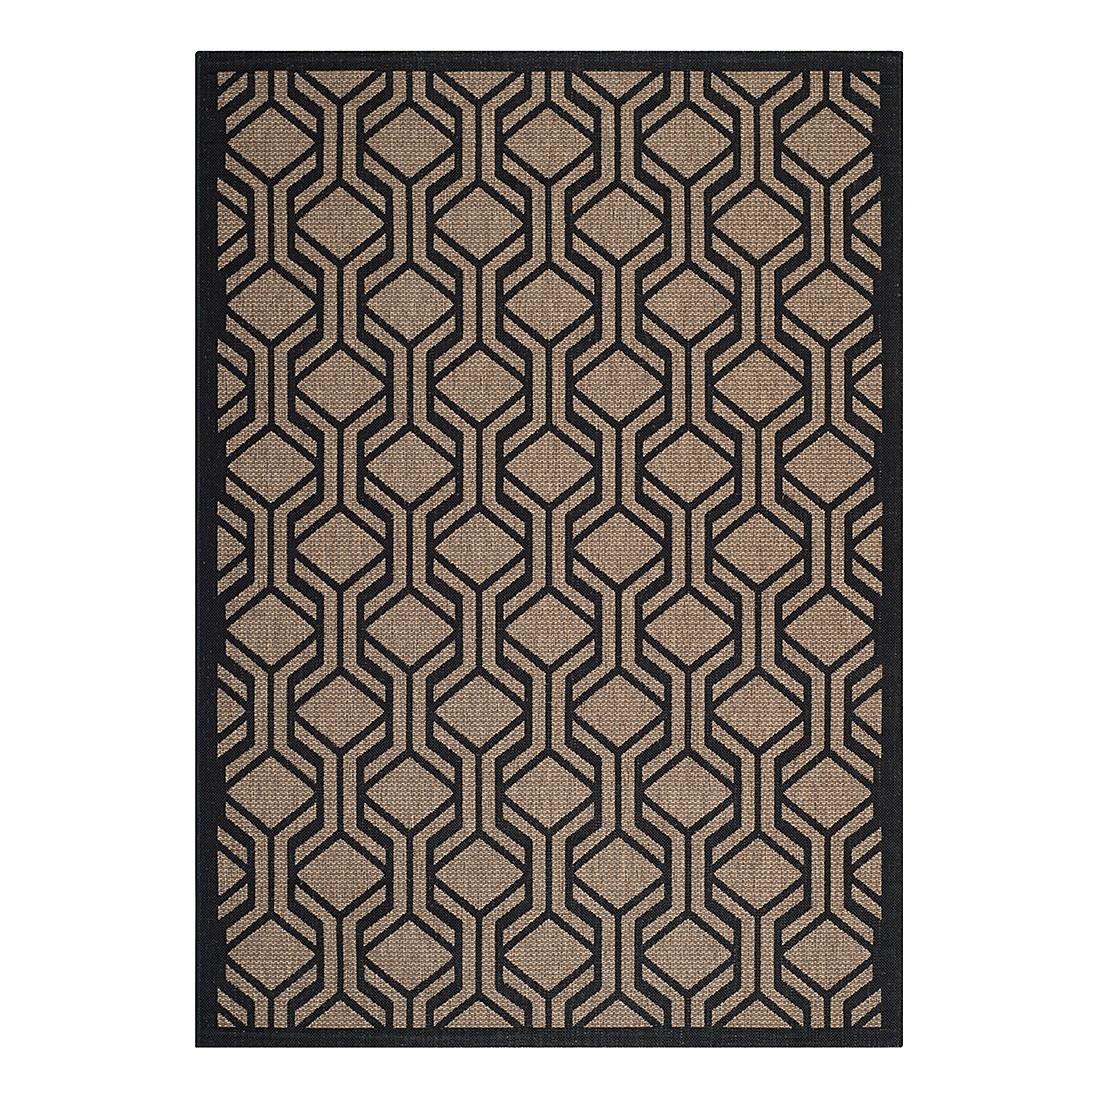 In-/Outdoorteppich Catalonia – Braun/Schwarz – Maße: 121 x 170 cm, Safavieh online bestellen